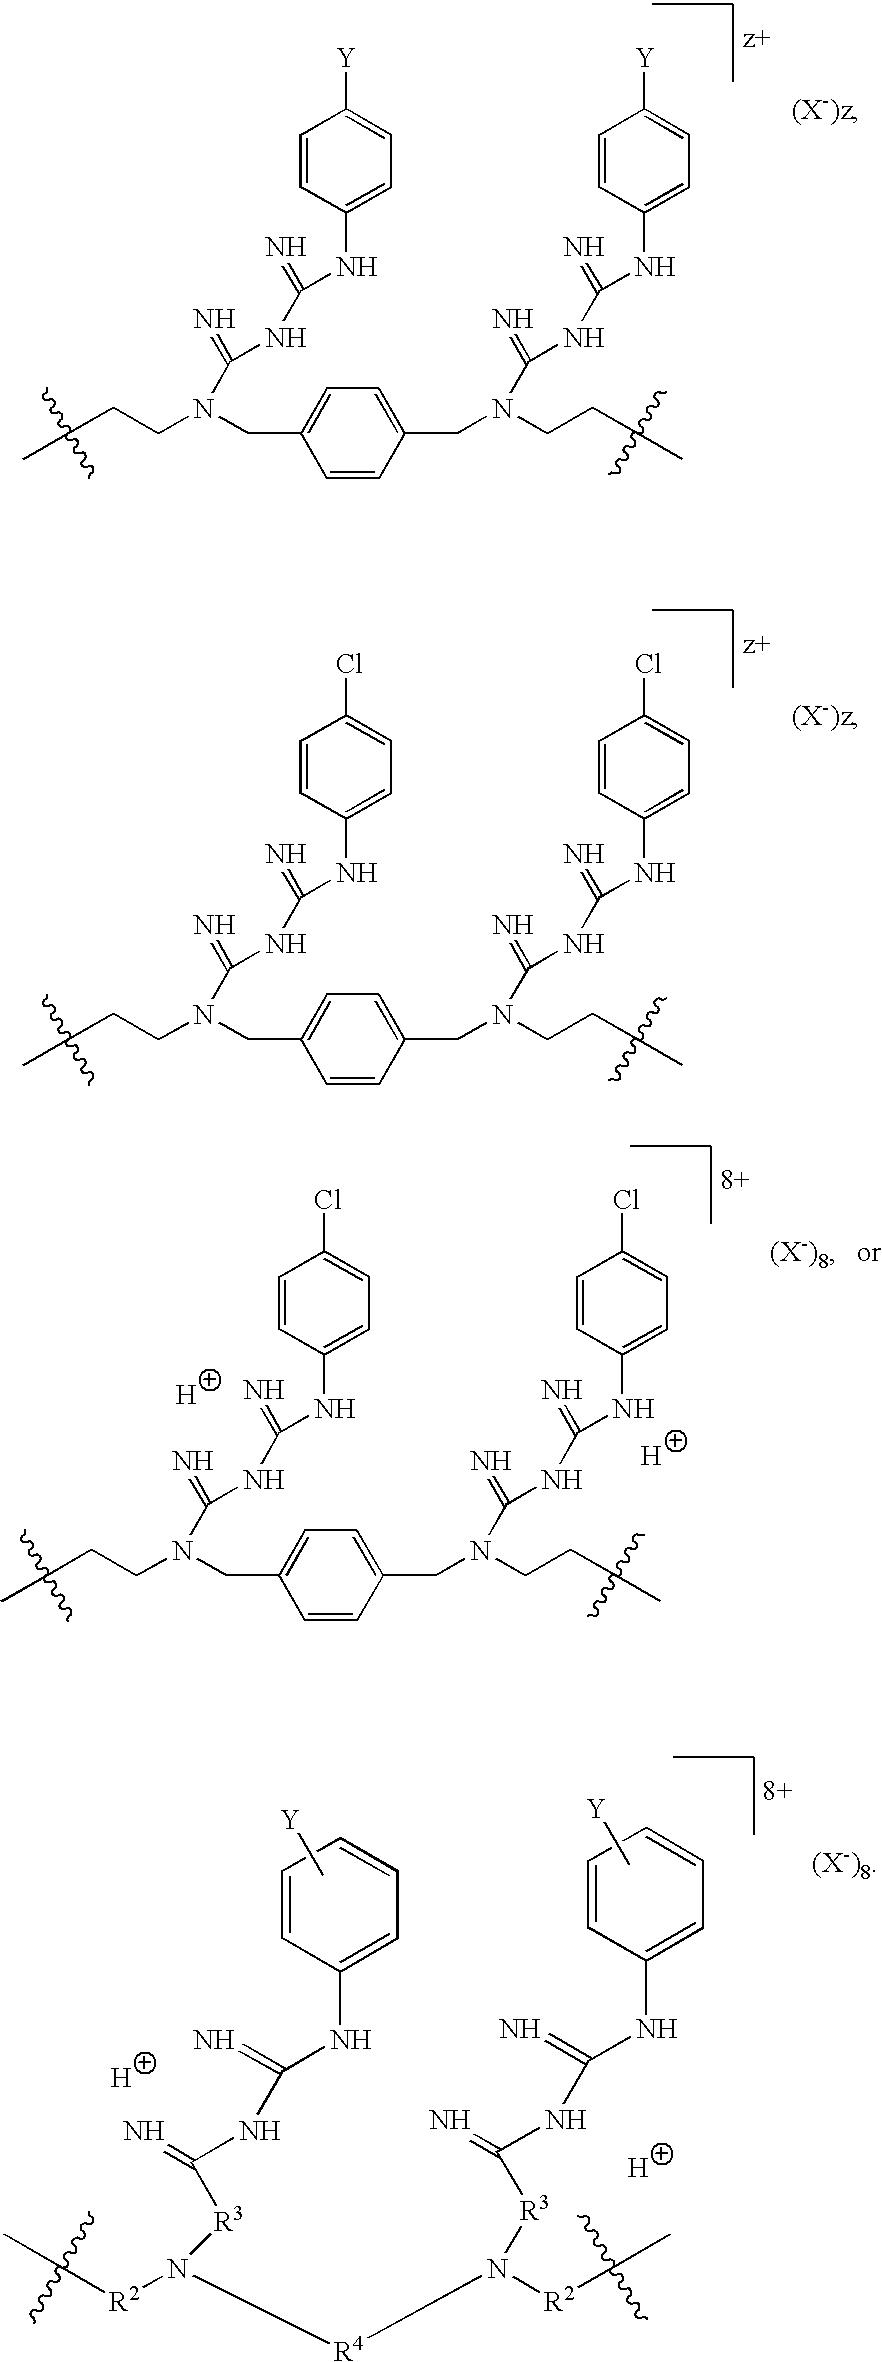 Figure US20090074833A1-20090319-C00095